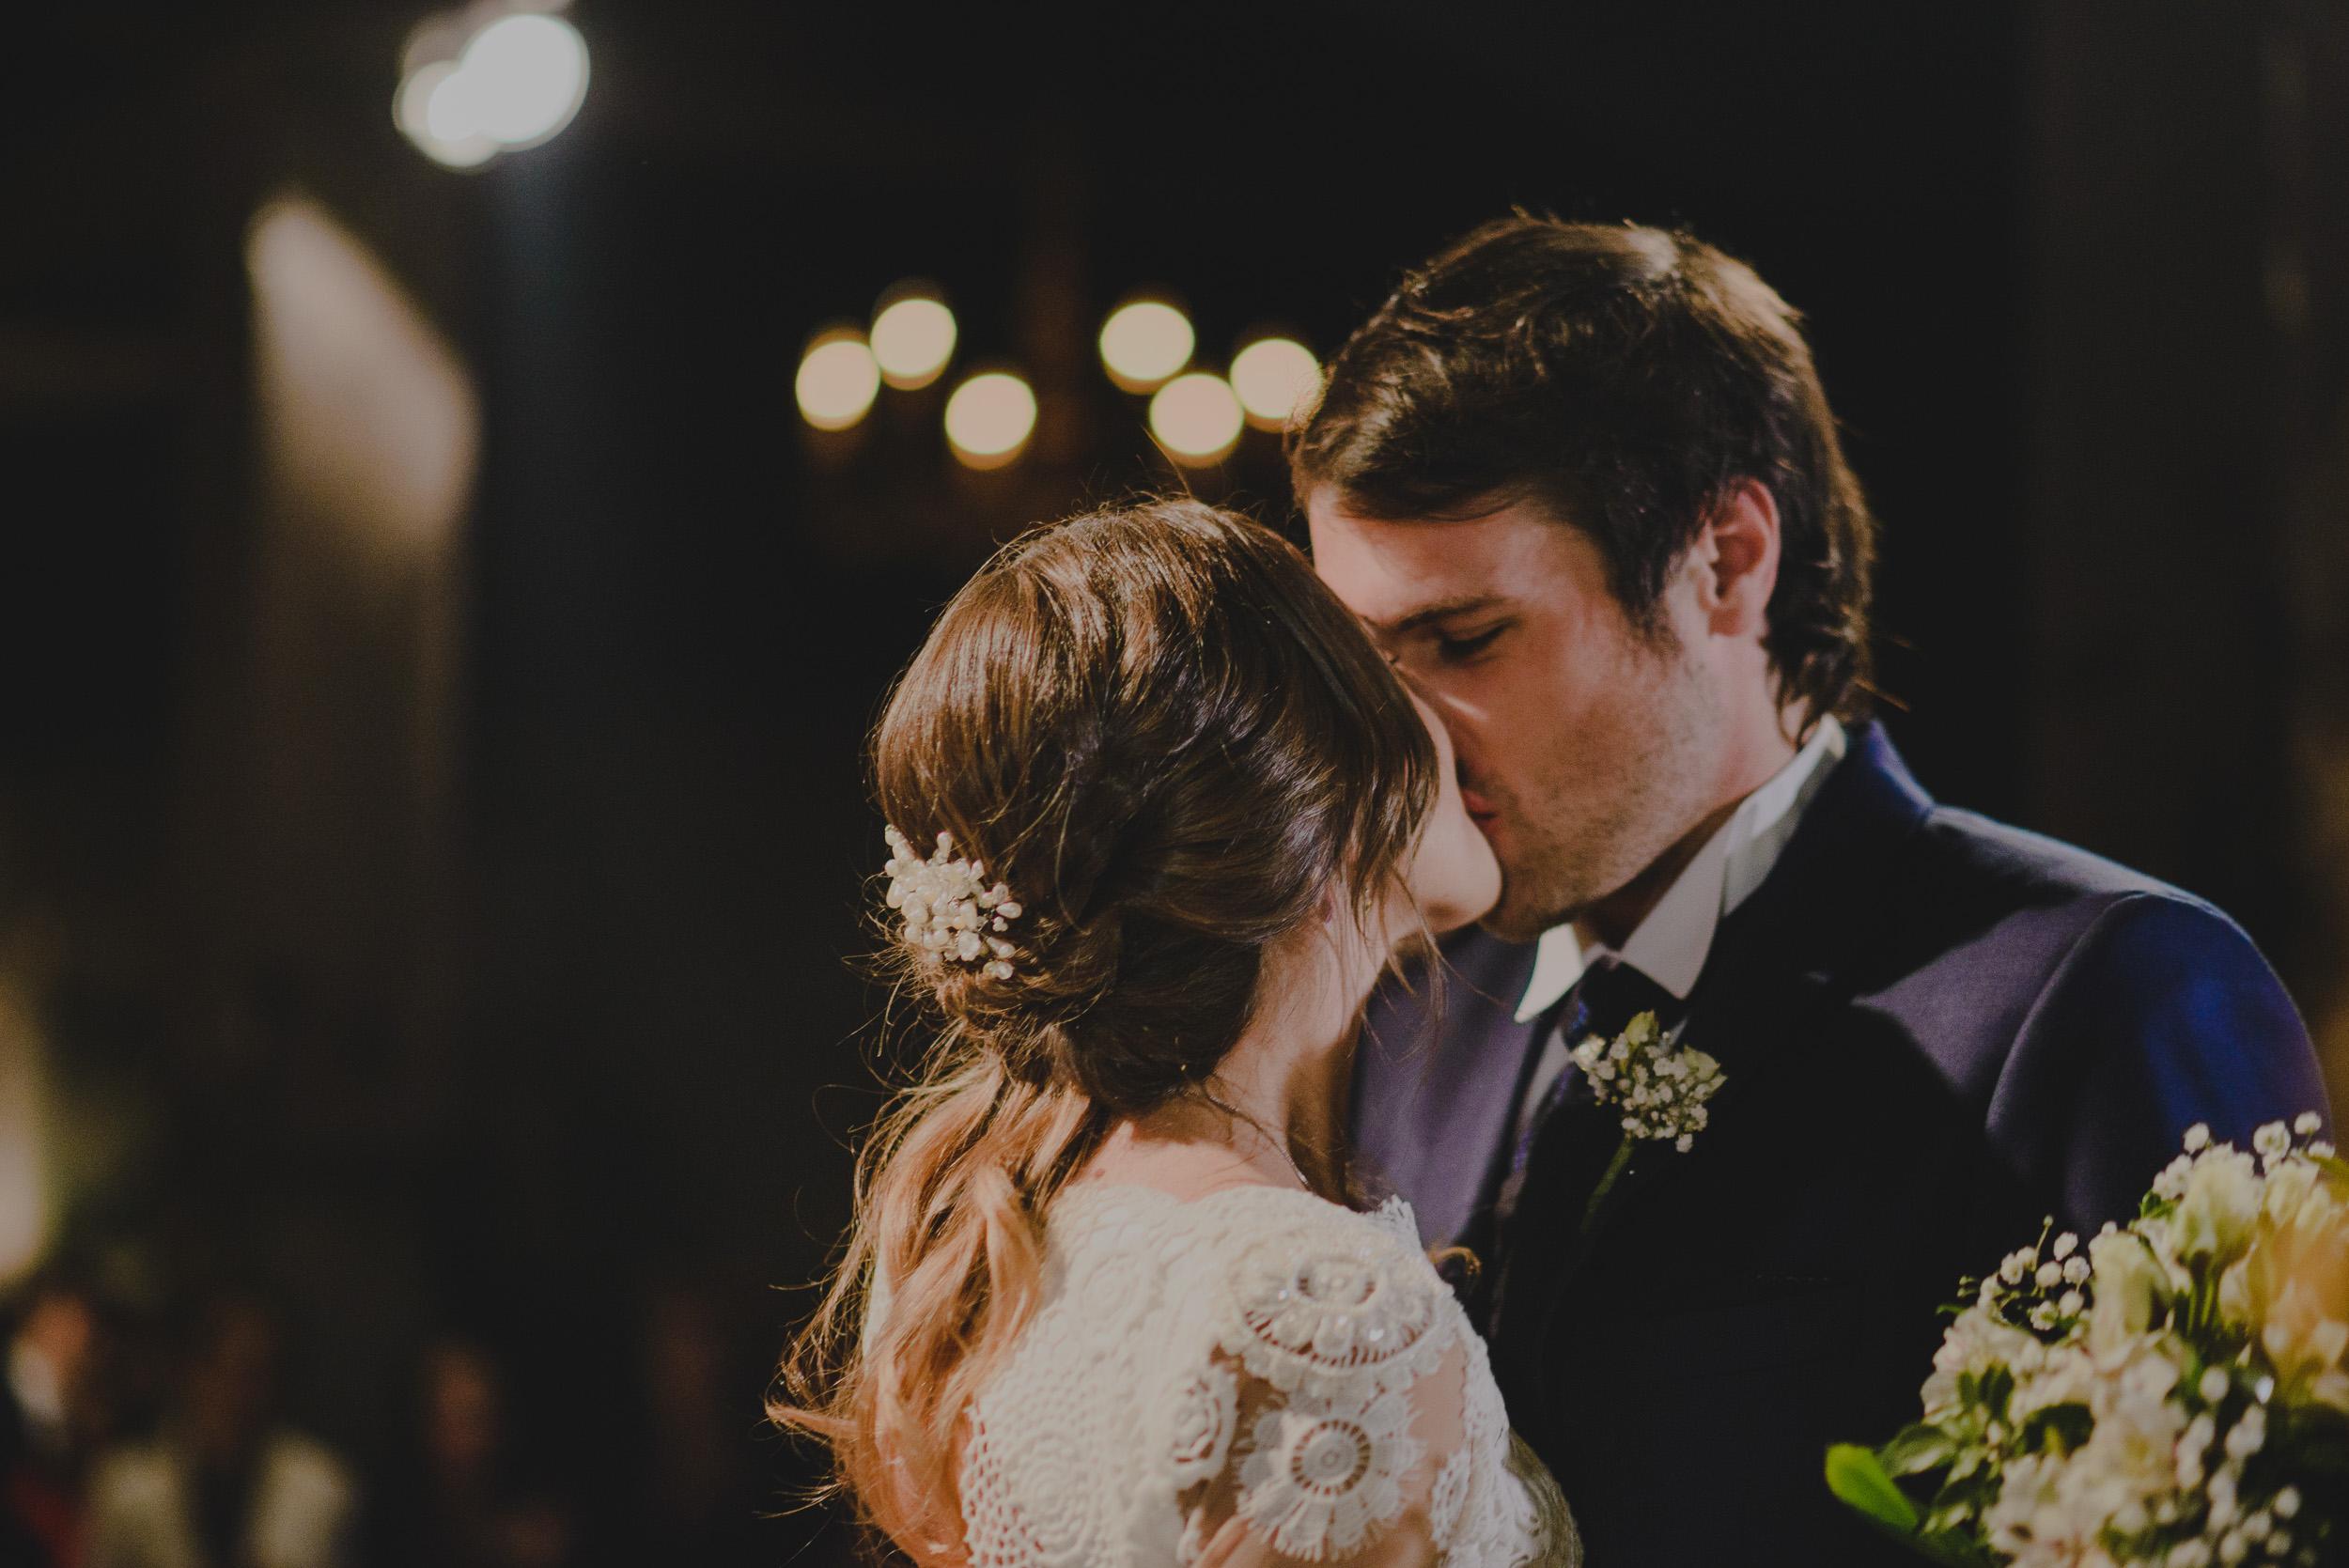 Mati & Juan boda en Bodega Jacksonville , FOTOGRAFIA DE BODA POITEVIN LOPEZ-87